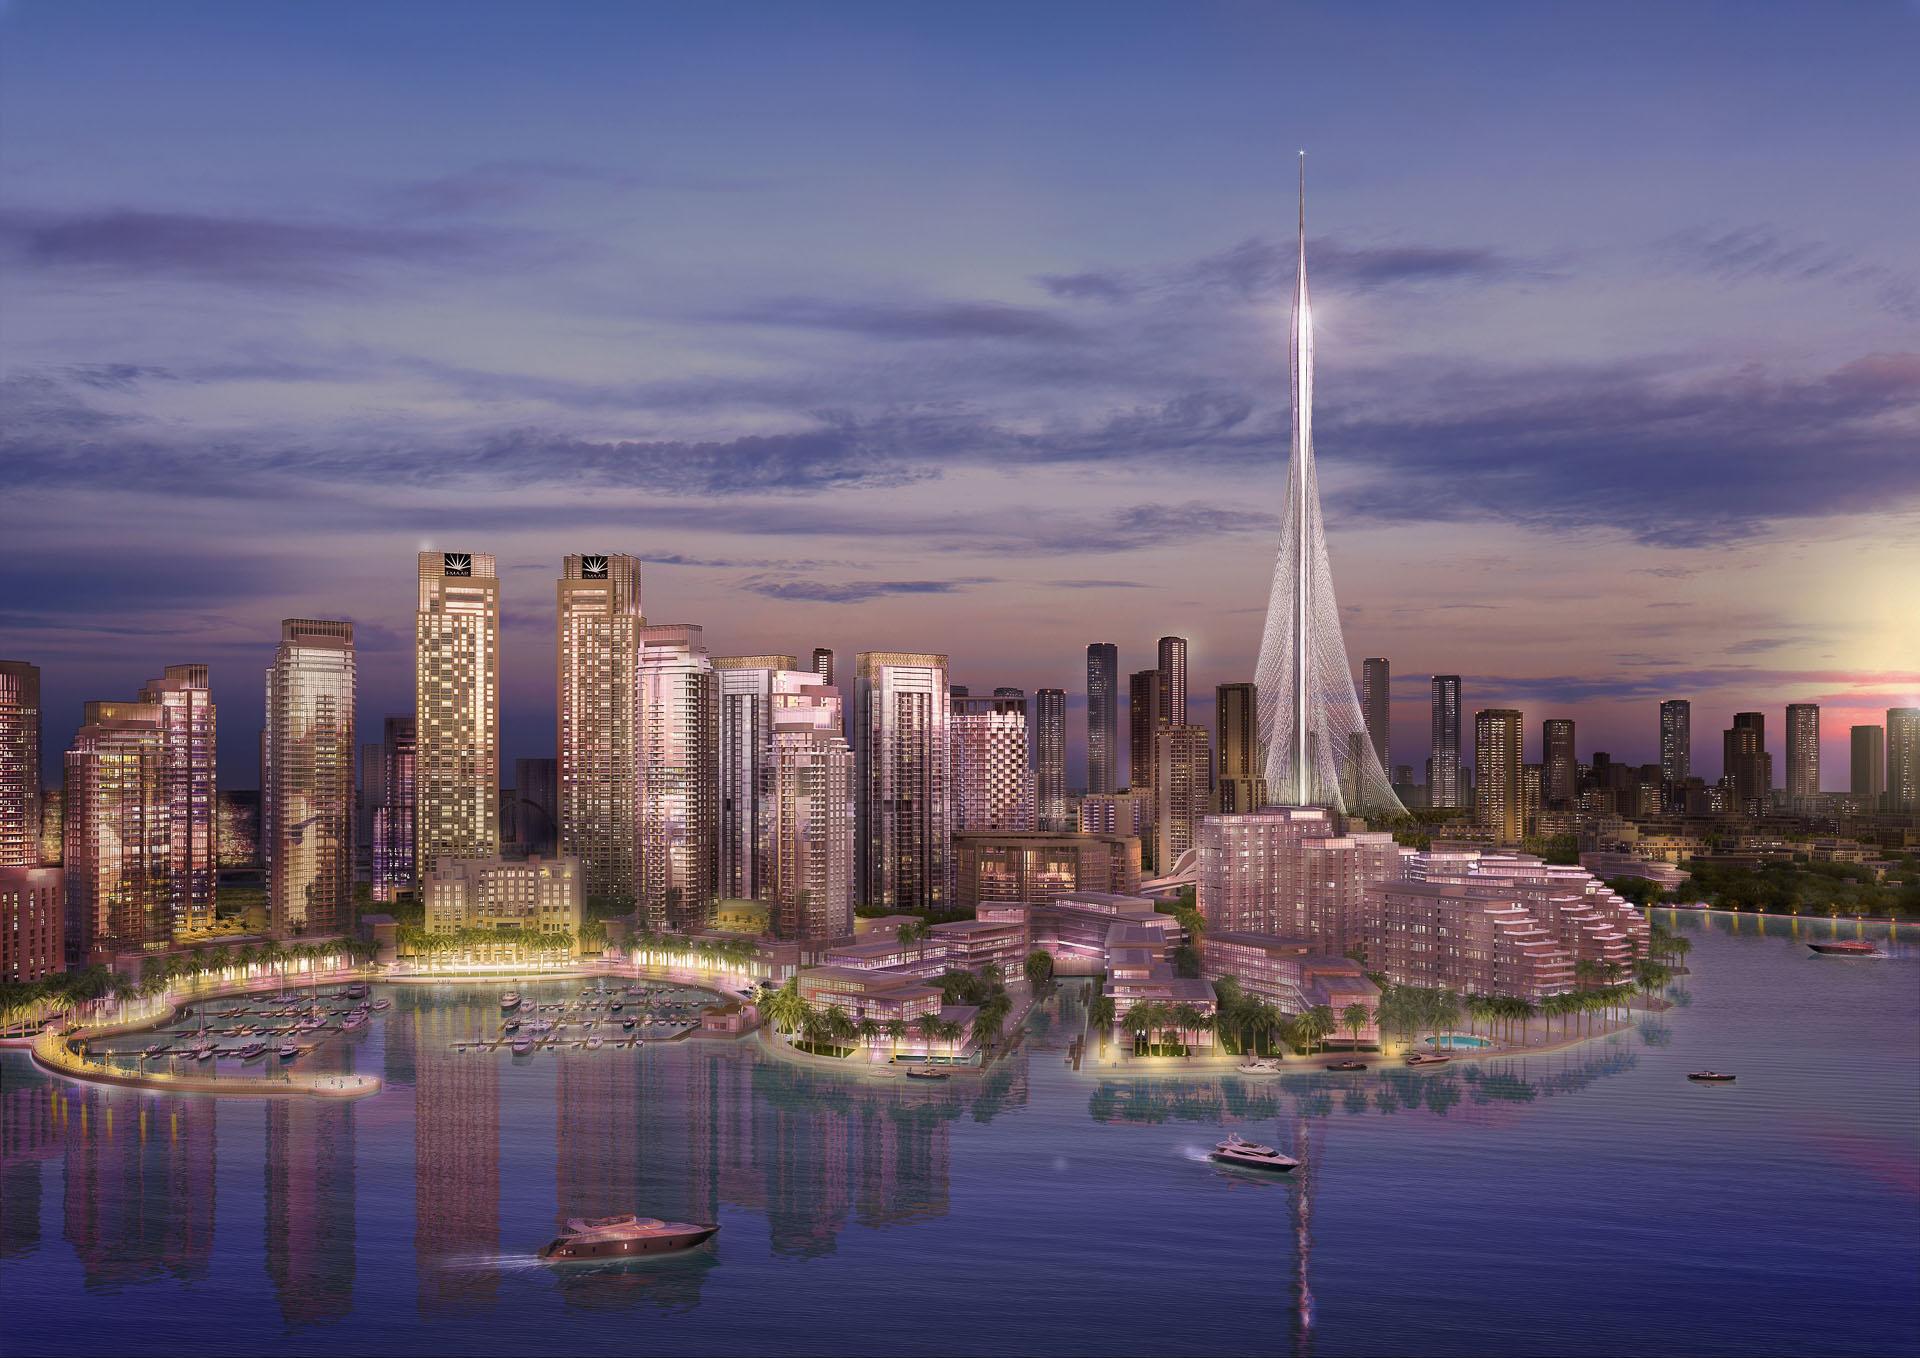 Calatrava.com